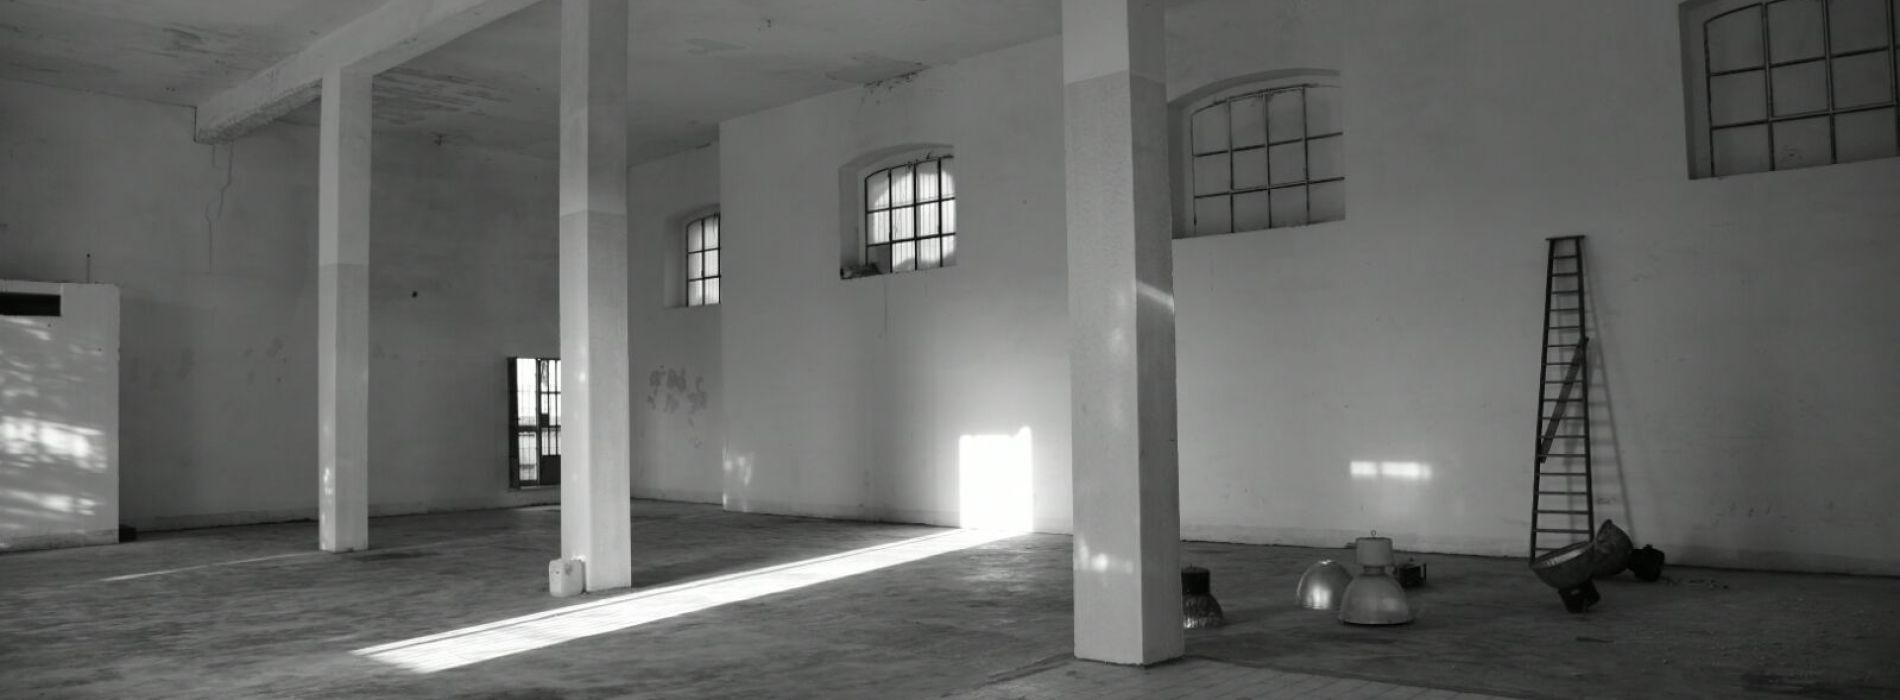 Opificio Puca, a Sant'Arpino nasce un nuovo centro per l'arte